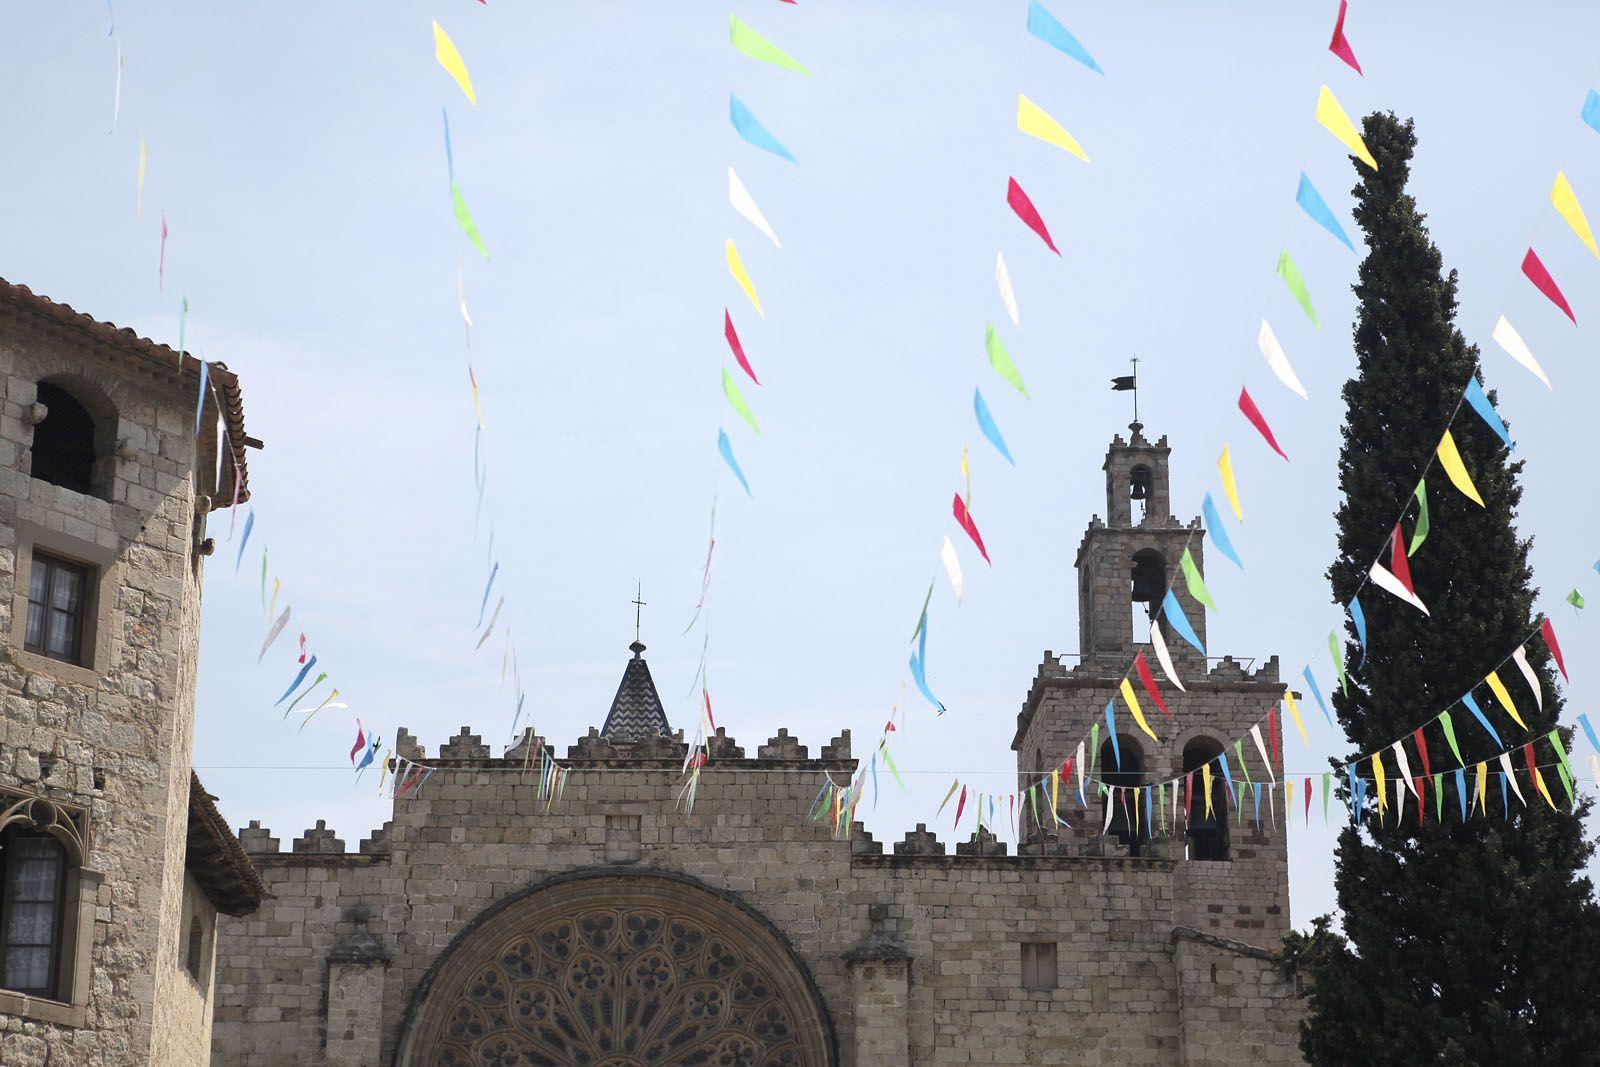 Balls de caparrots, capgrossos i entremesos a la Plaça d'Octavià. FOTO: Artur Ribera